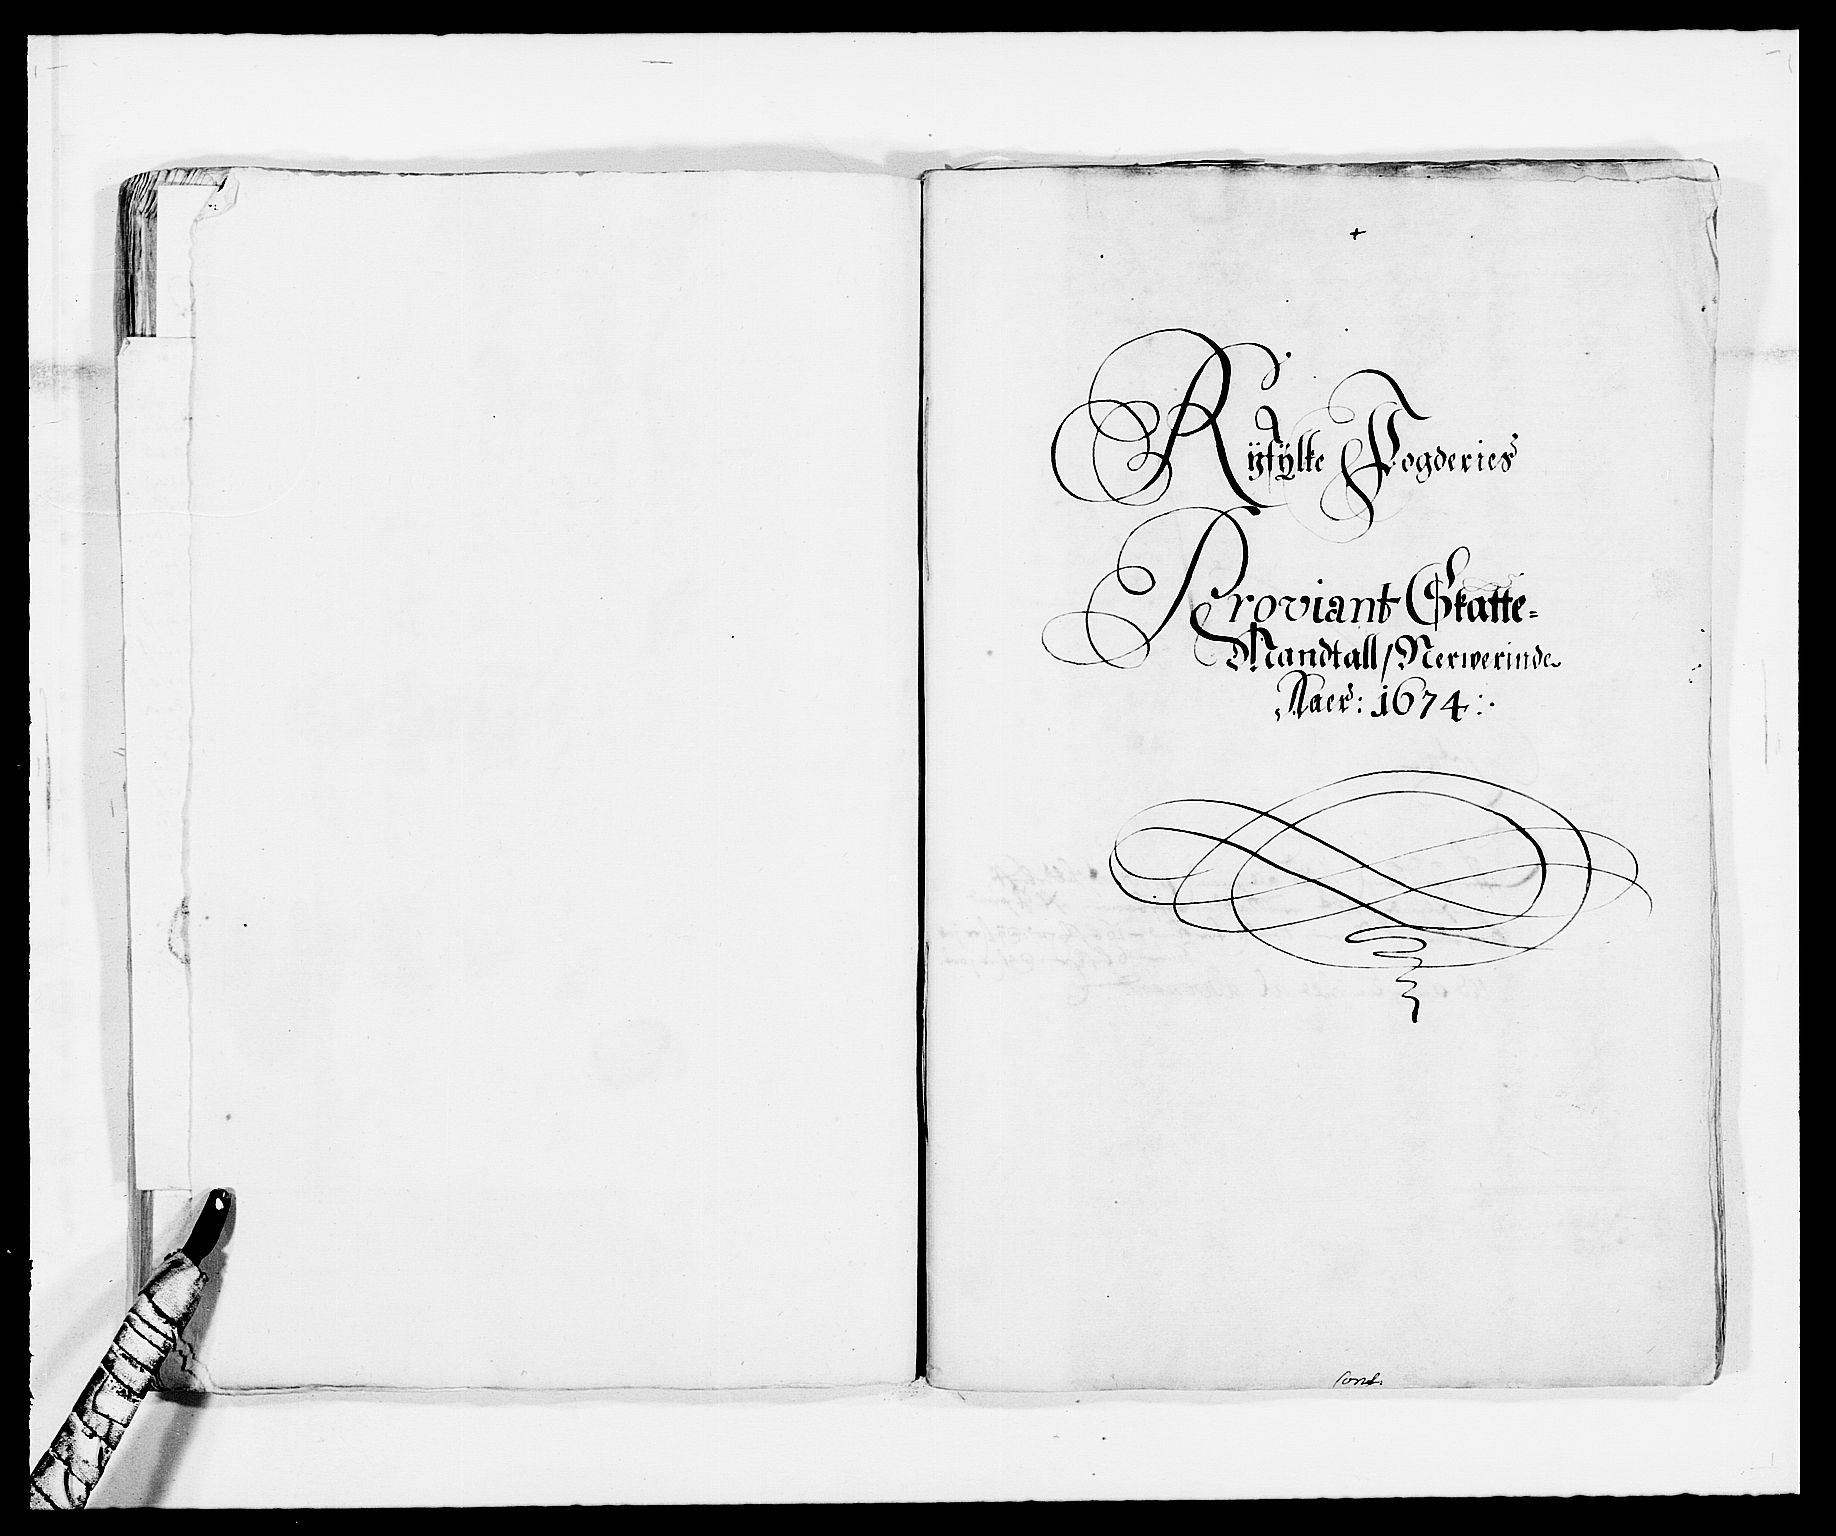 RA, Rentekammeret inntil 1814, Reviderte regnskaper, Fogderegnskap, R47/L2845: Fogderegnskap Ryfylke, 1674-1675, s. 94